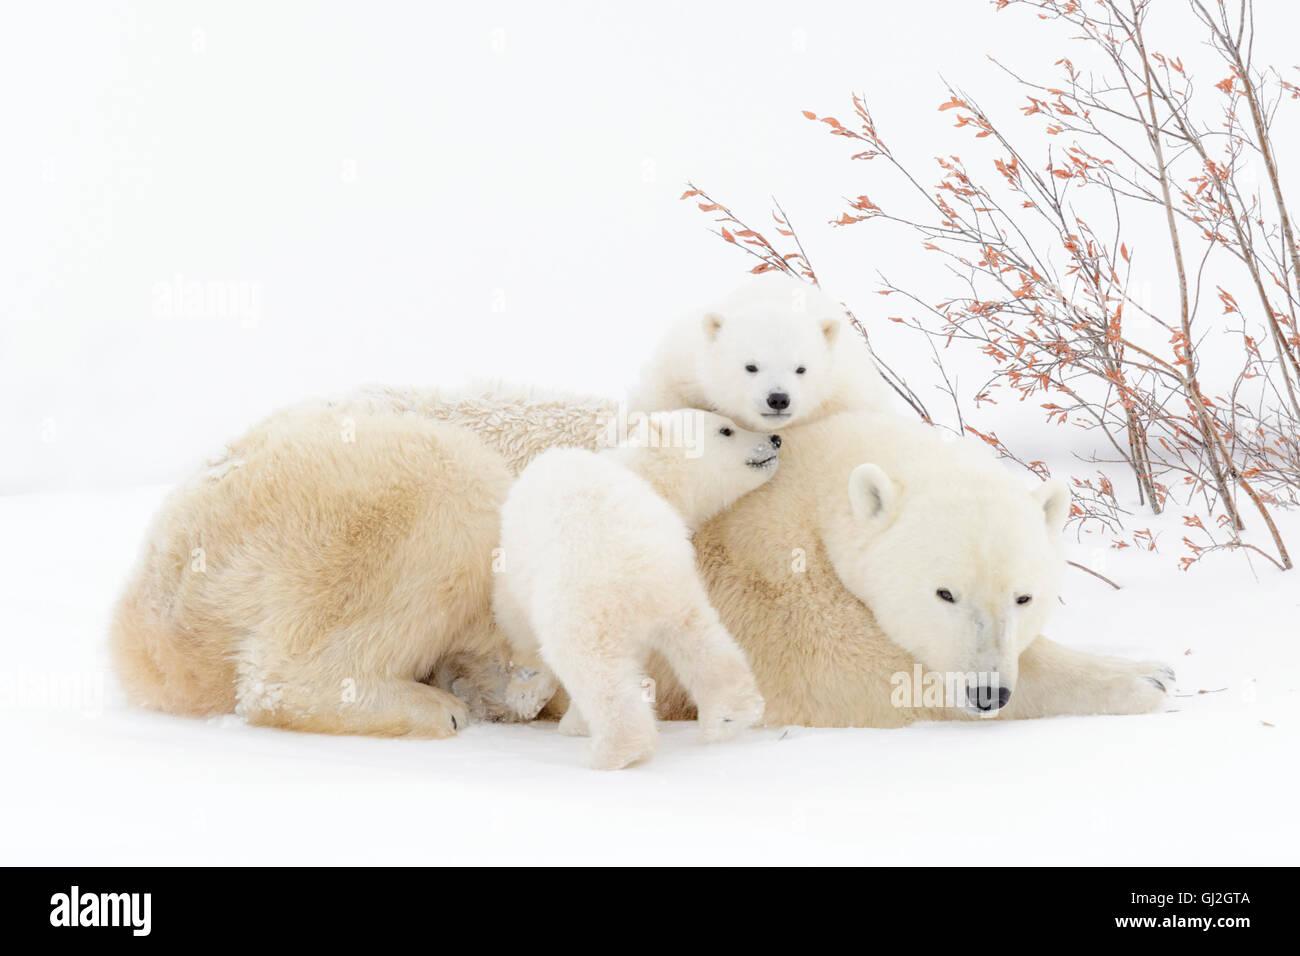 Eisbär-Mutter (Ursus Maritimus) liegend mit zwei spielenden Jungen, Wapusk-Nationalpark, Manitoba, Kanada Stockfoto